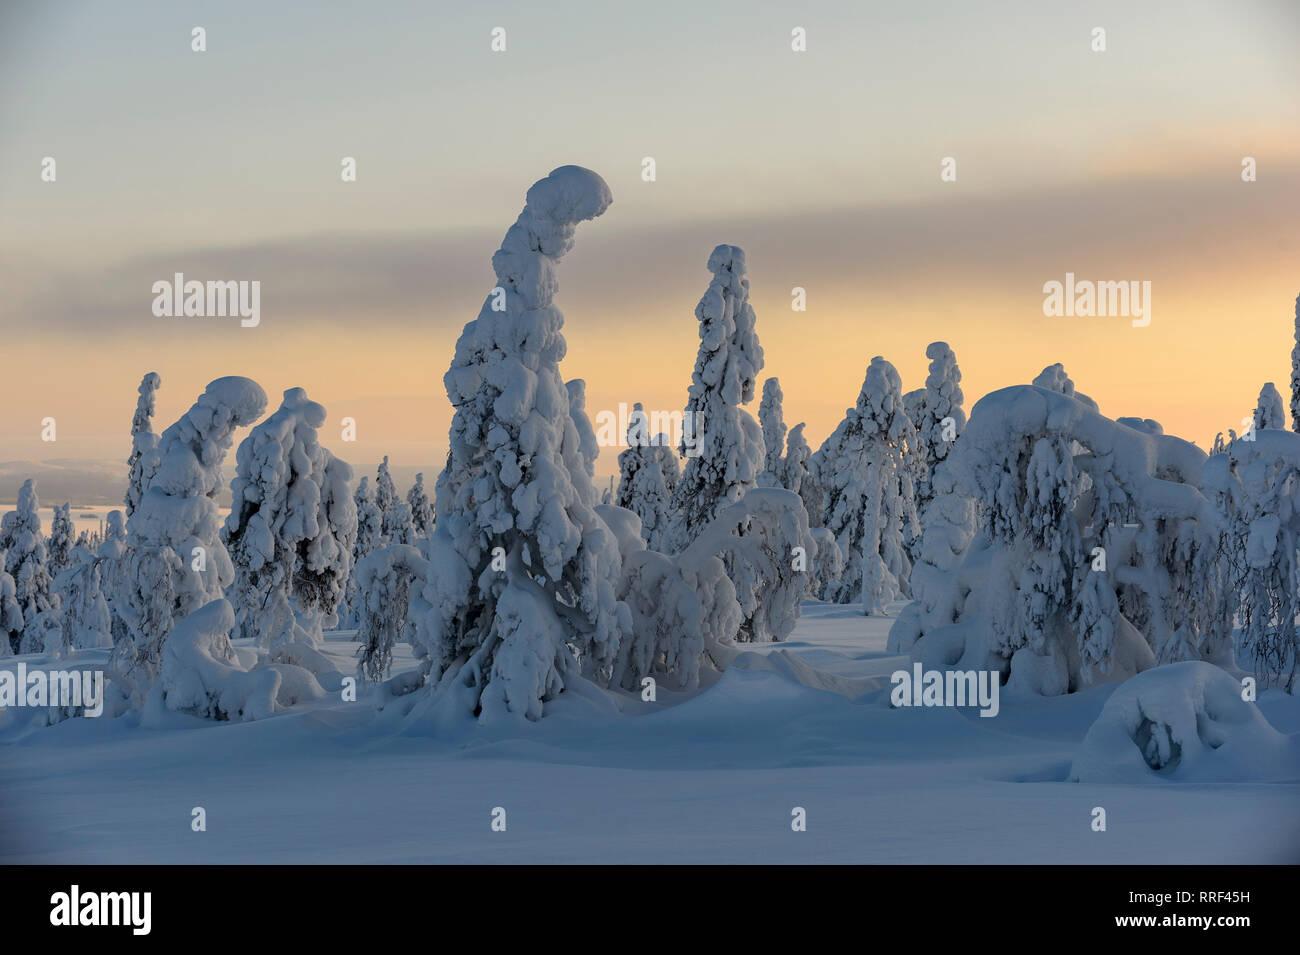 Abetos cubiertos de fuertes heladas y nieve en el Parque Nacional de Riisitunturi, Kuusamo, Finlandia Foto de stock